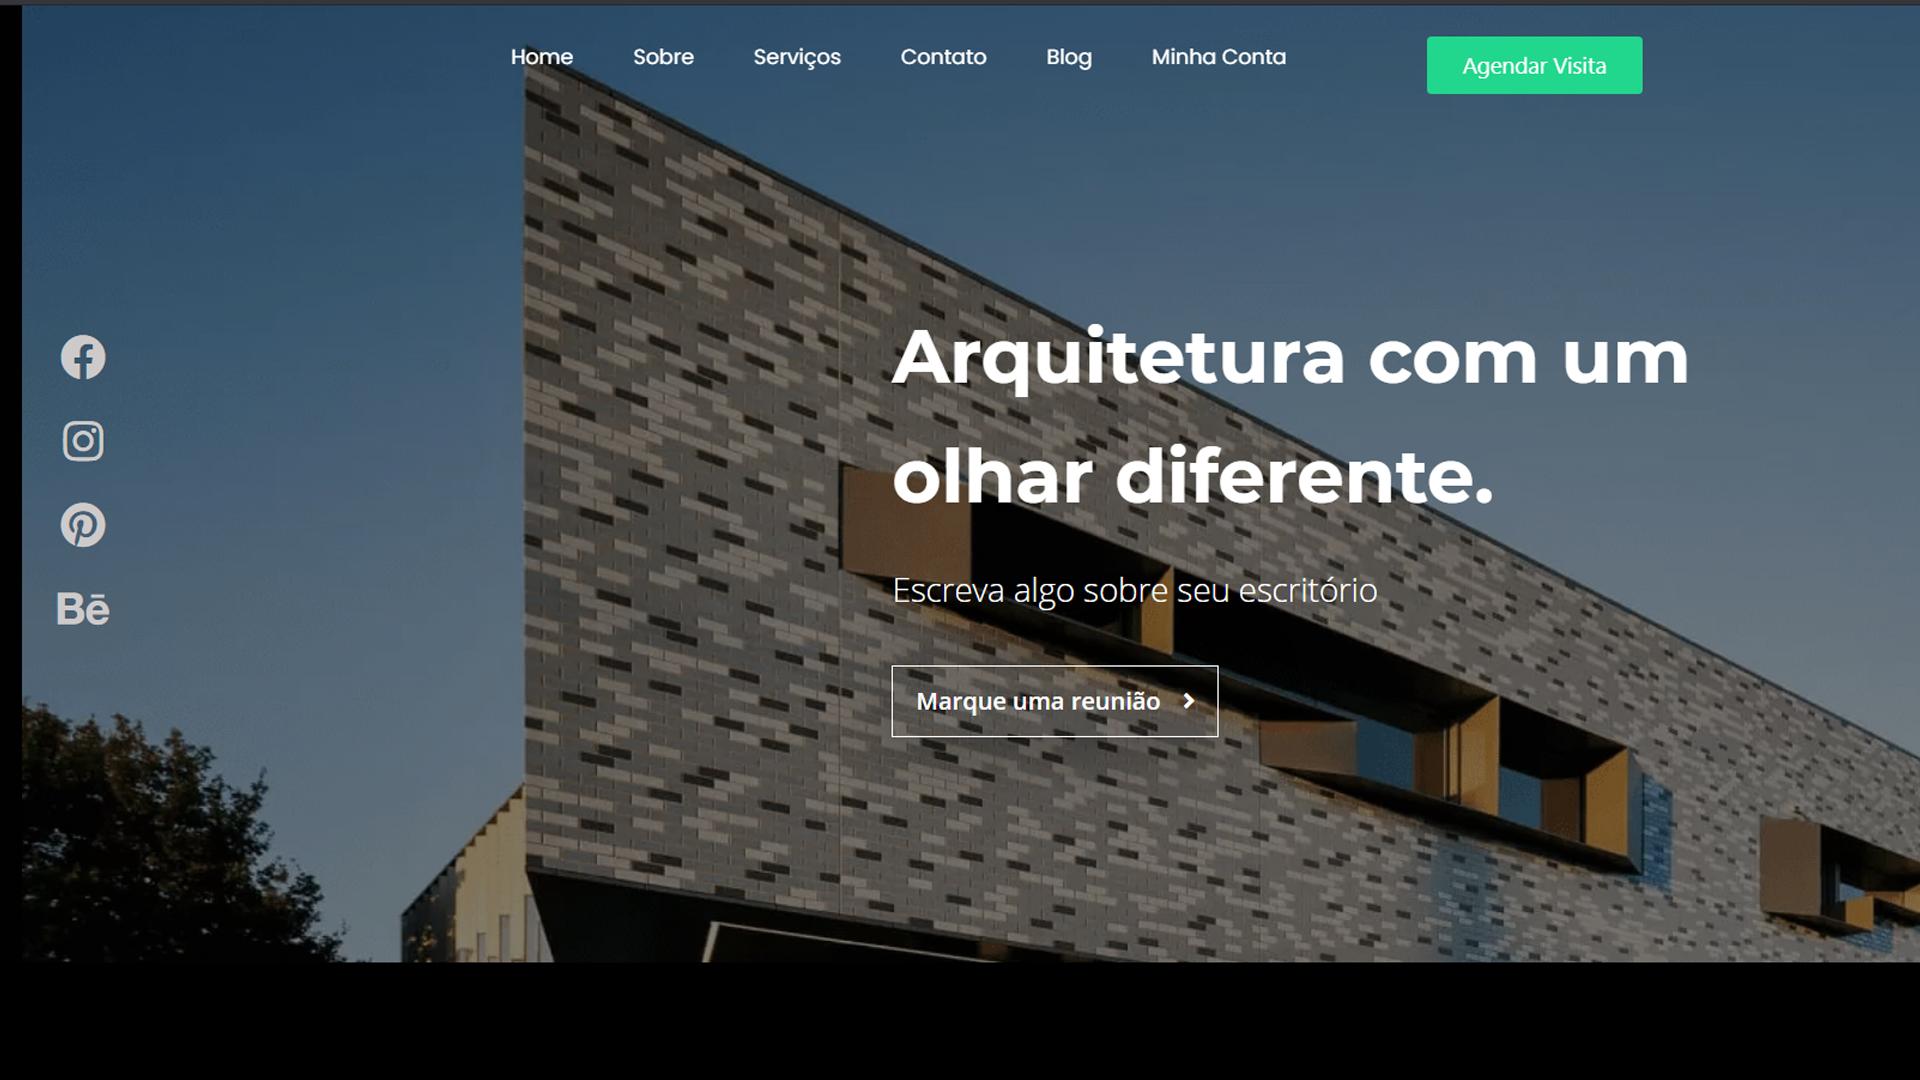 portfolio criação de sites modelo arquiteto